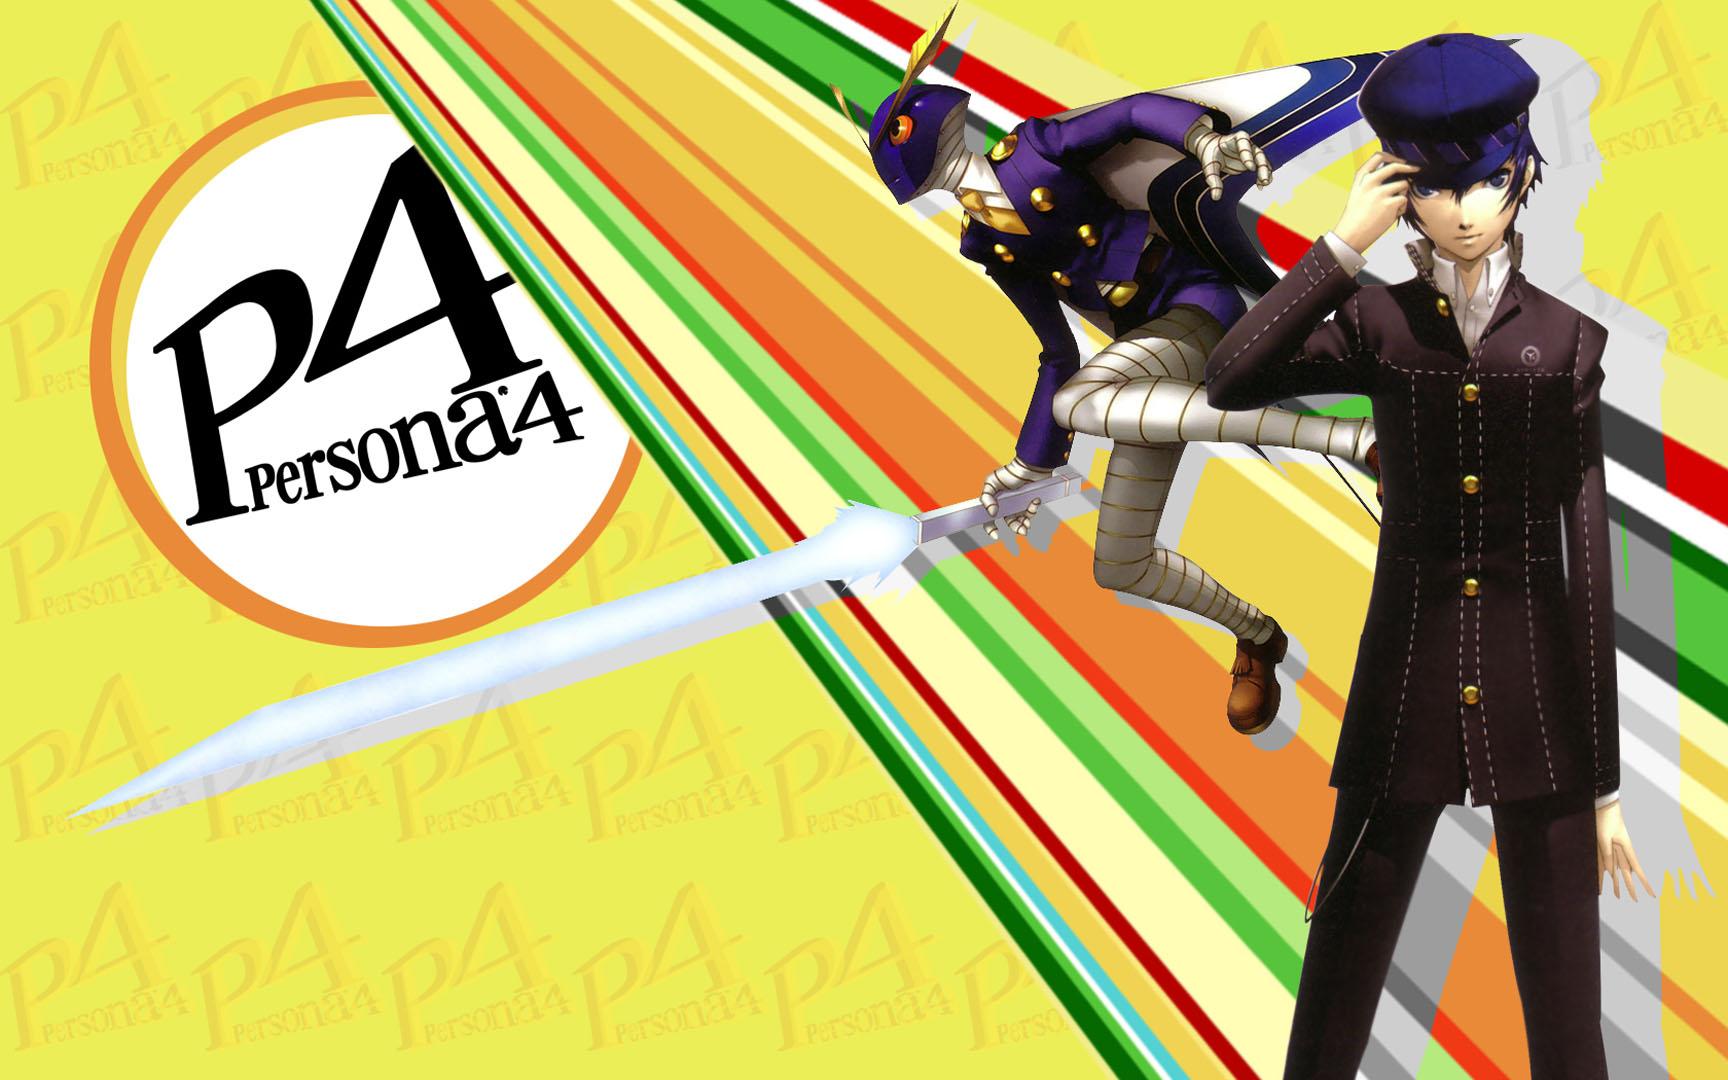 Naoto And His Persona Persona 4 Wallpaper